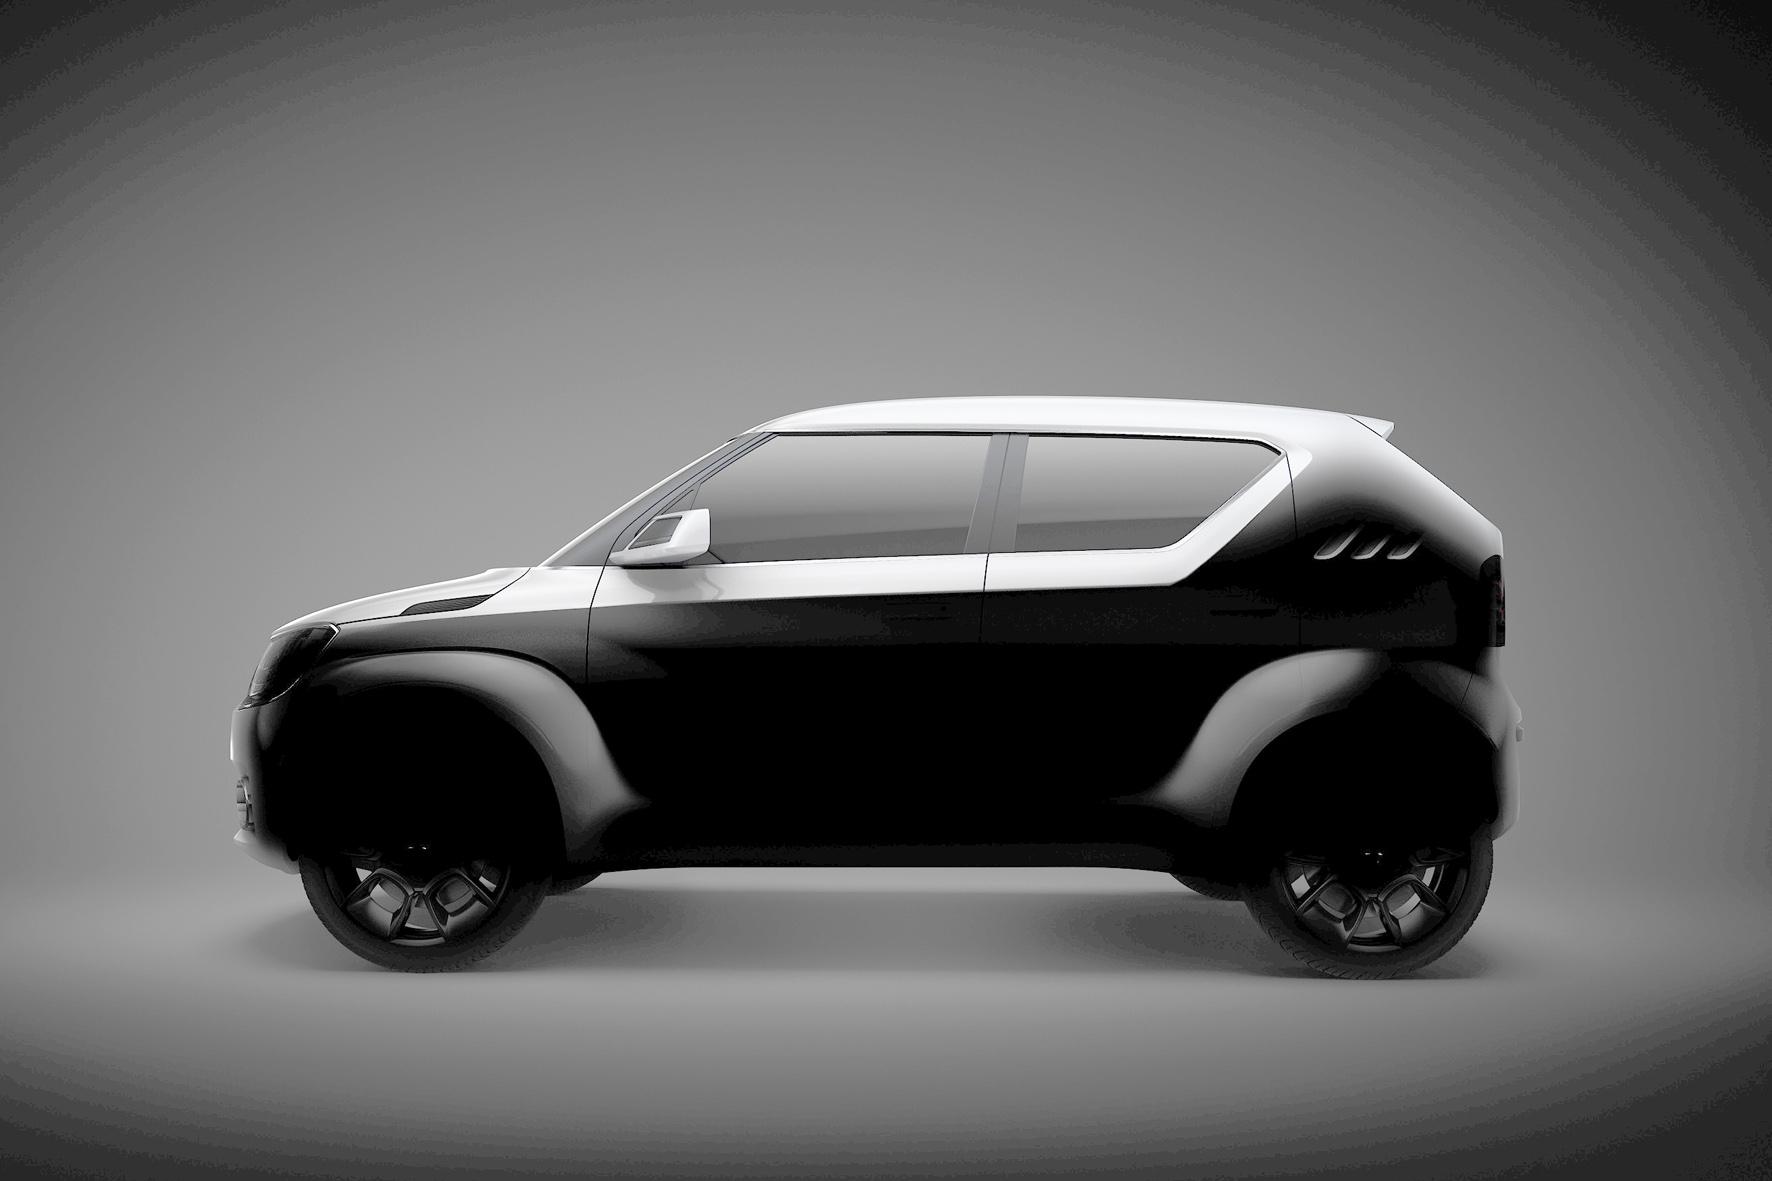 Der Suzuki iK-4 zeigt das Konzept eines weiteren kleinen Allrad-Fahrzeugs der Japaner.